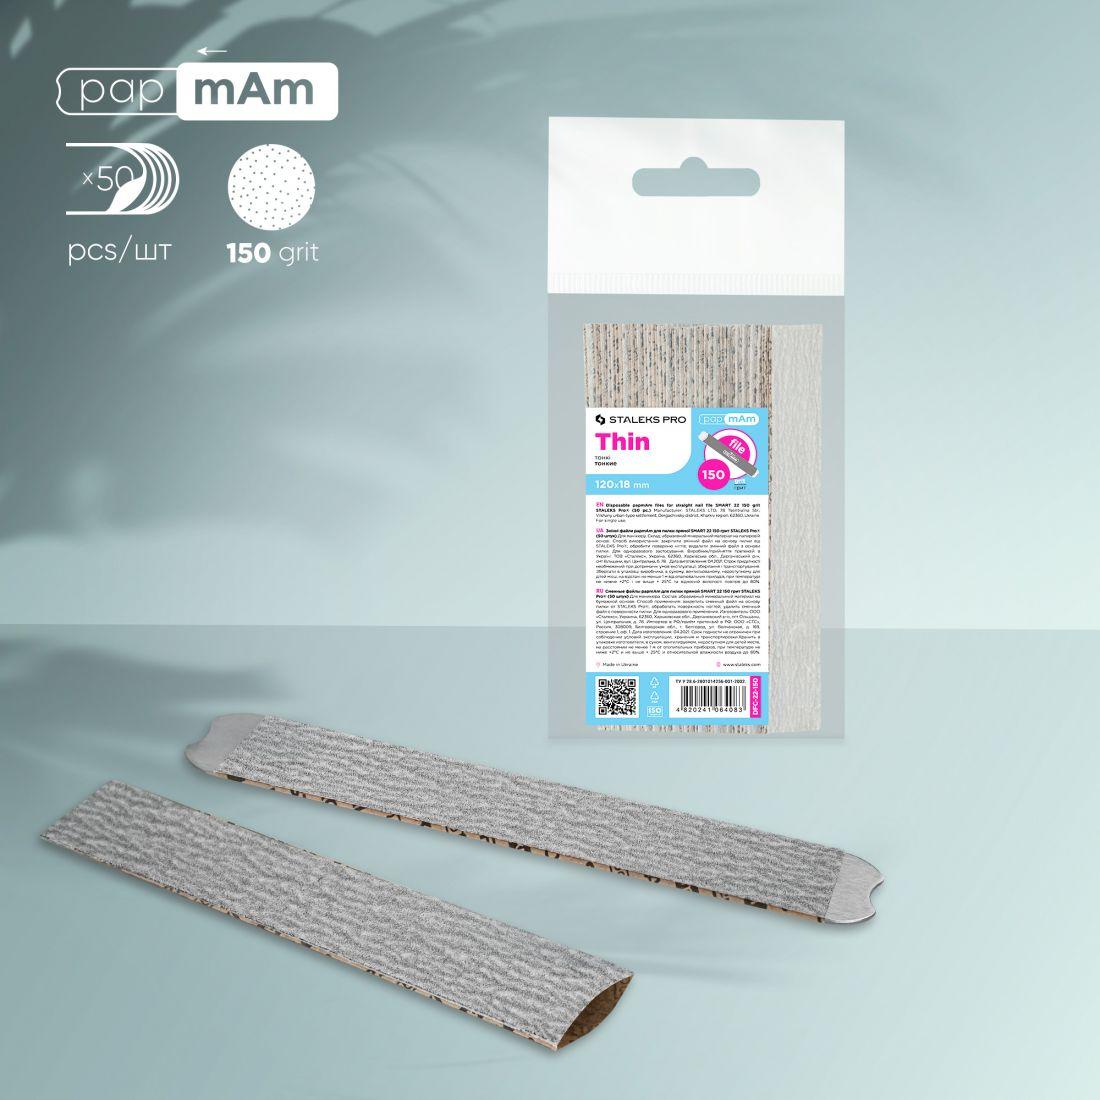 Сменные файлы papmAm для пилки прямой SMART 22 150 грит (50 шт)